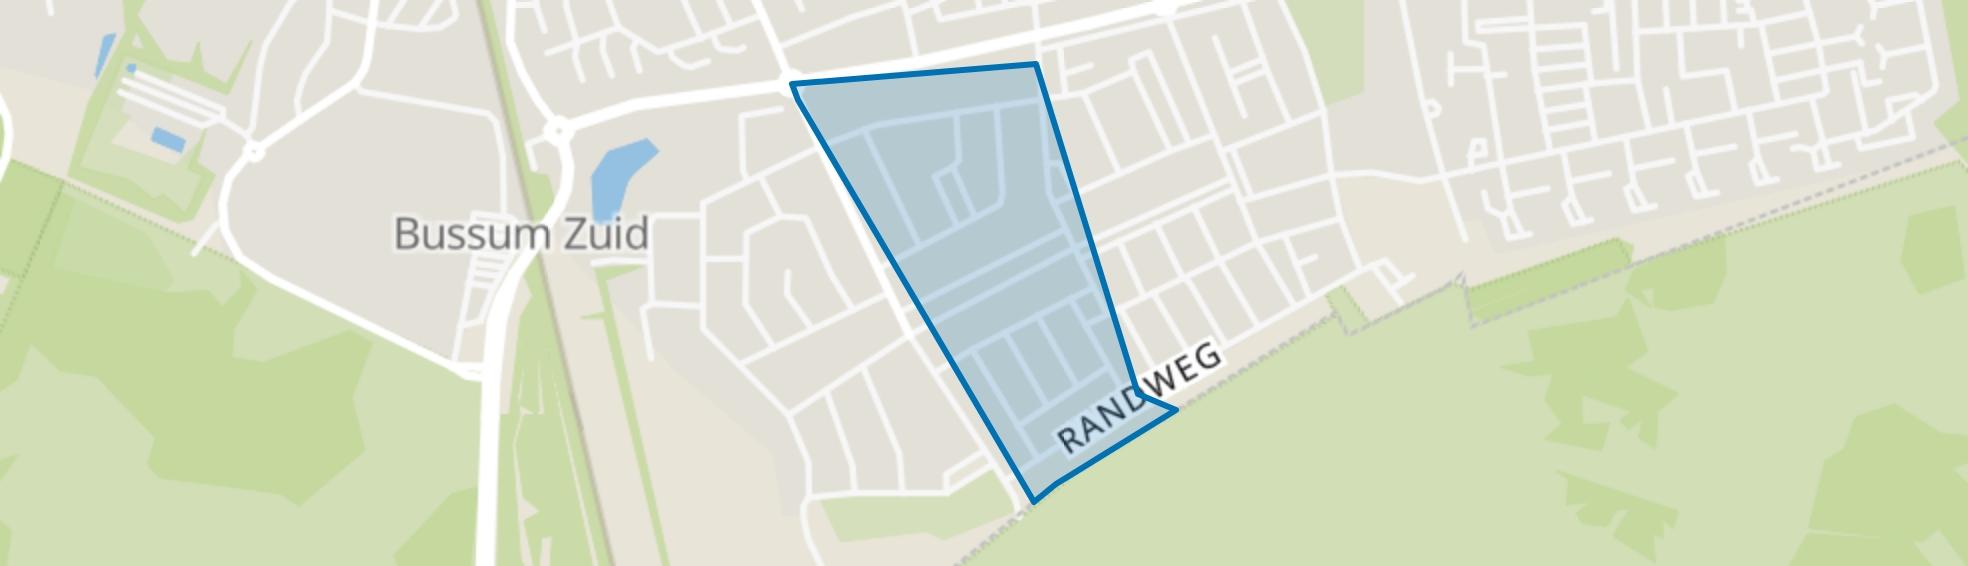 Midden Eng-West, Bussum map